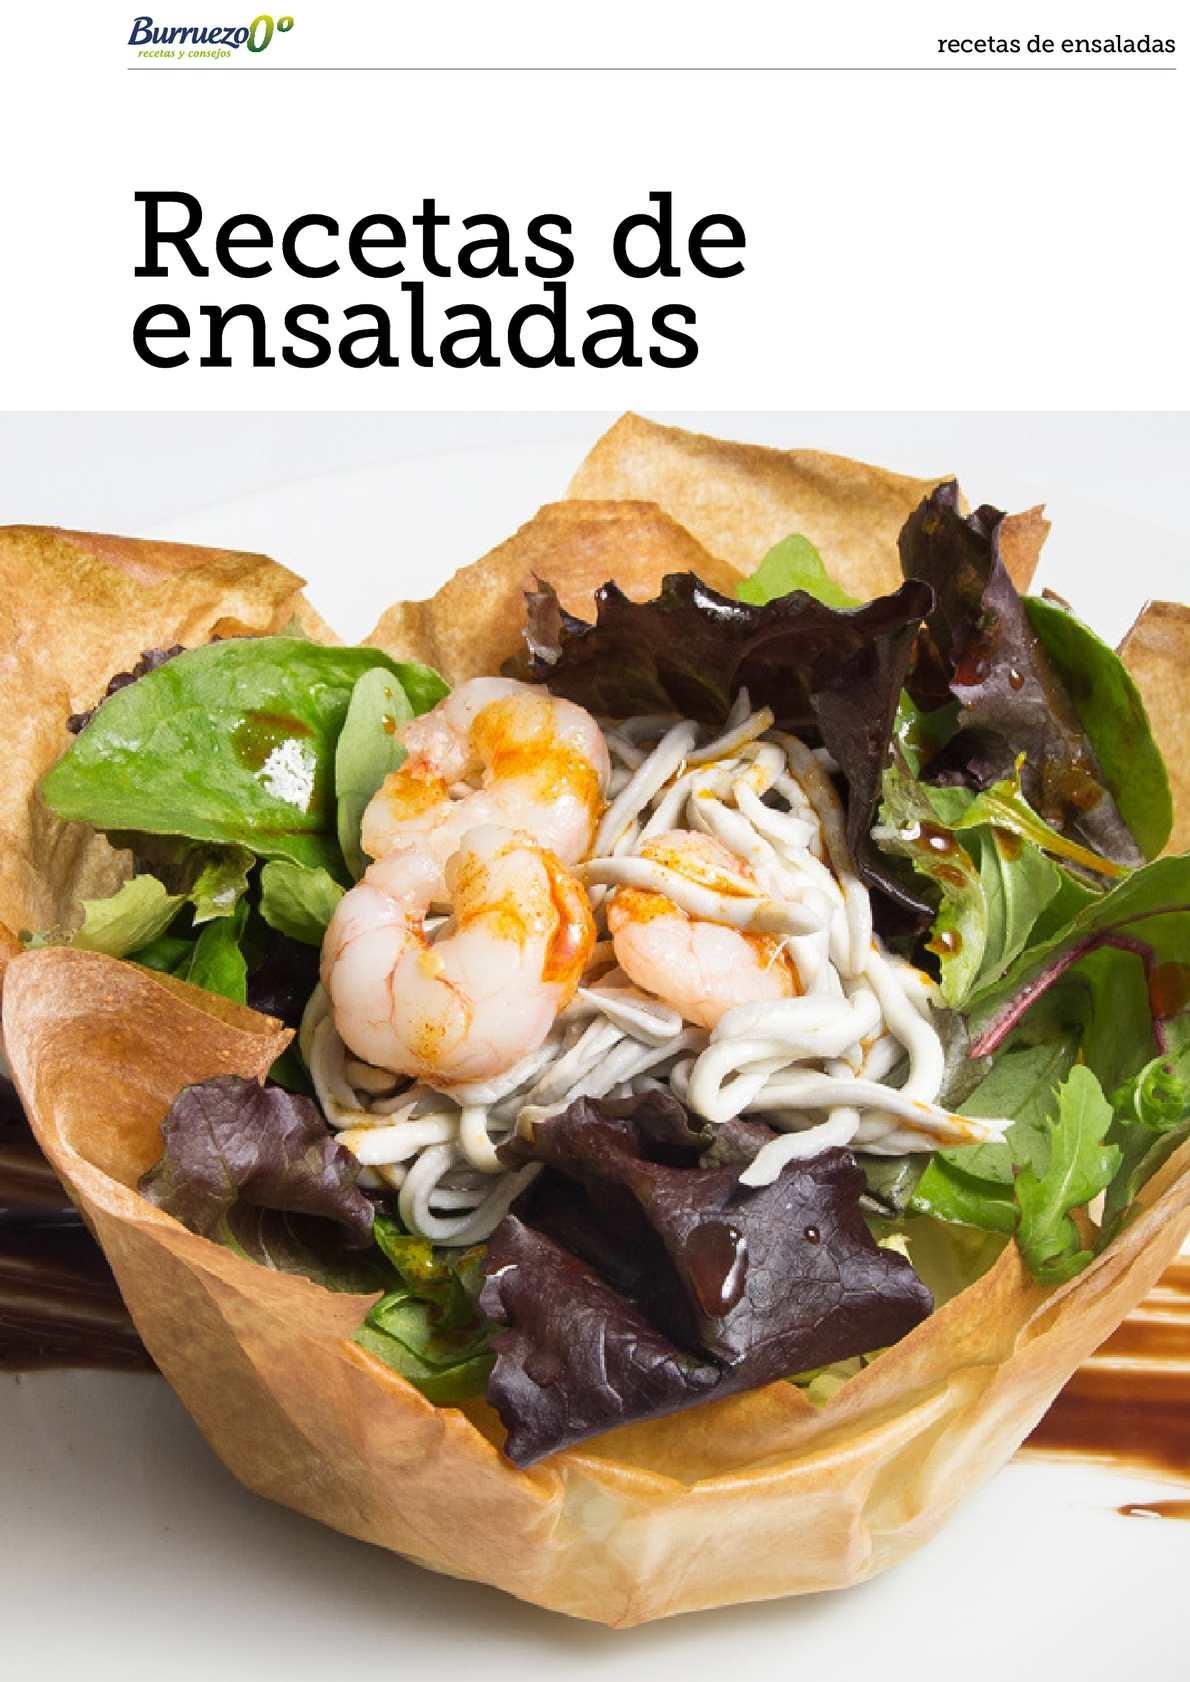 Recetas de ensaladas de Burruezo 0º